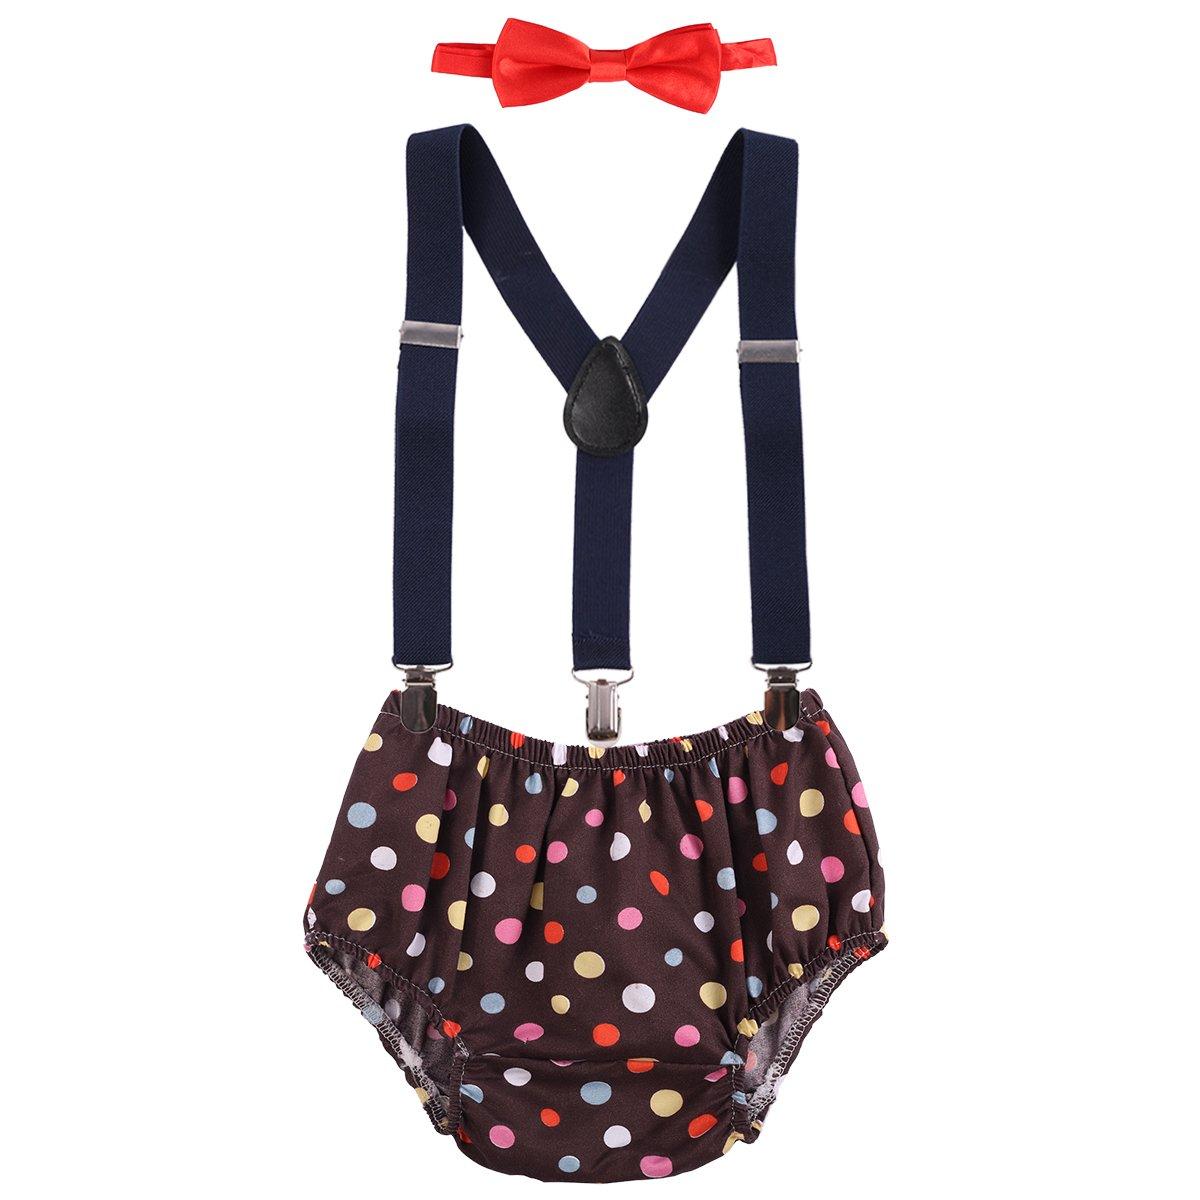 Bébé Fille Garçons 1er / 2ème anniversaire Costume de Photographie Eté Gentleman Pour Enfants Bloomer Shorts Bretelles Réglable en Y Dentelle Nœud Papillon 3 Pièces Tenues